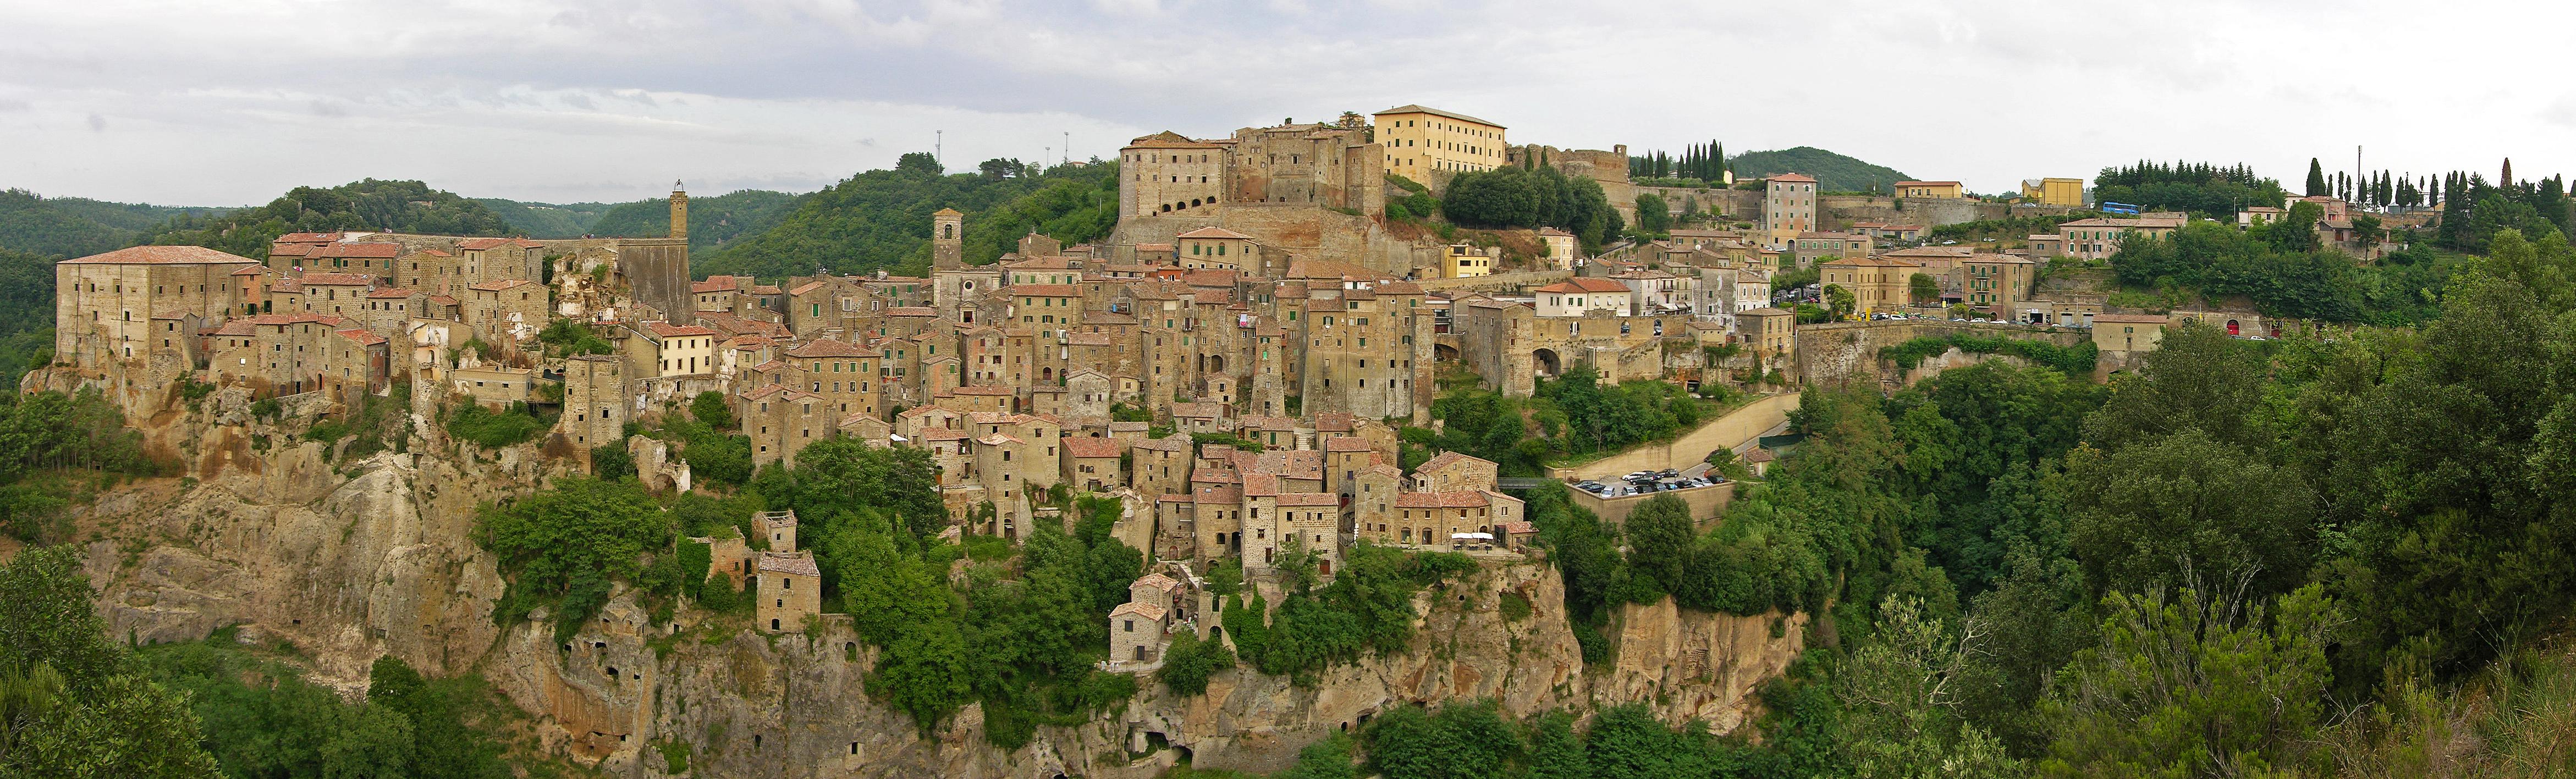 Panorama dell'antico e suggestivo borgo di Sorano, vicino all'agriturismo Podere di Maggio